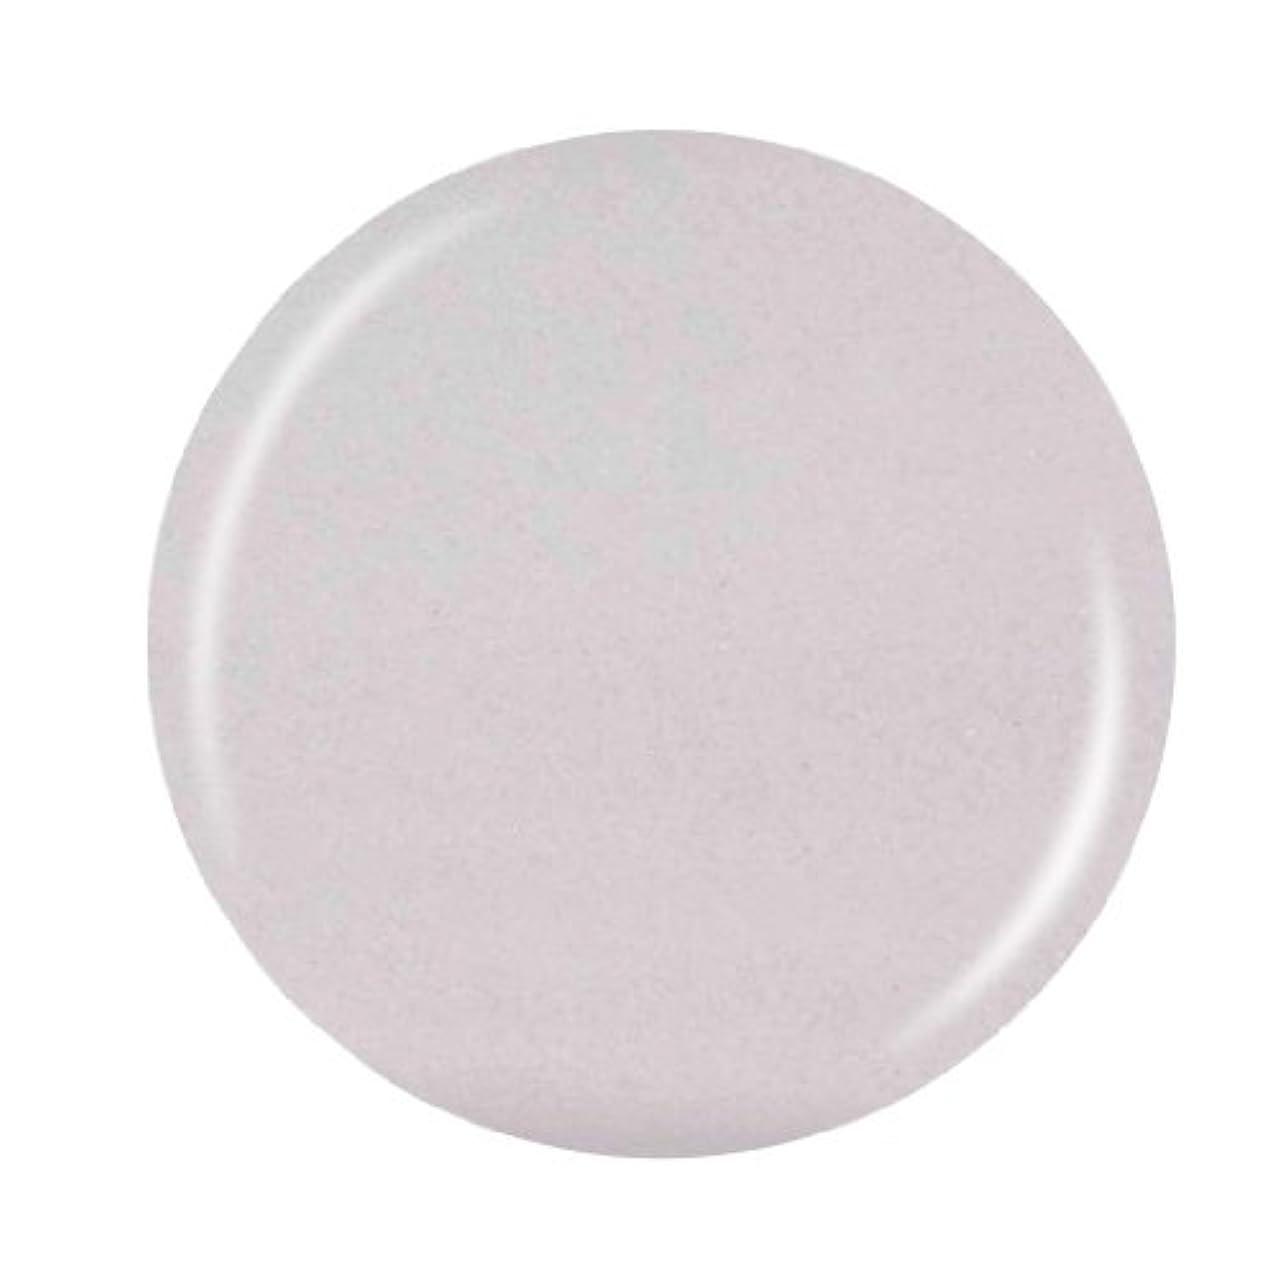 検出可能収容する腐敗EzFlow Acrylic Powder - Murano Glass Collection - Wispy - 0.5oz / 14g